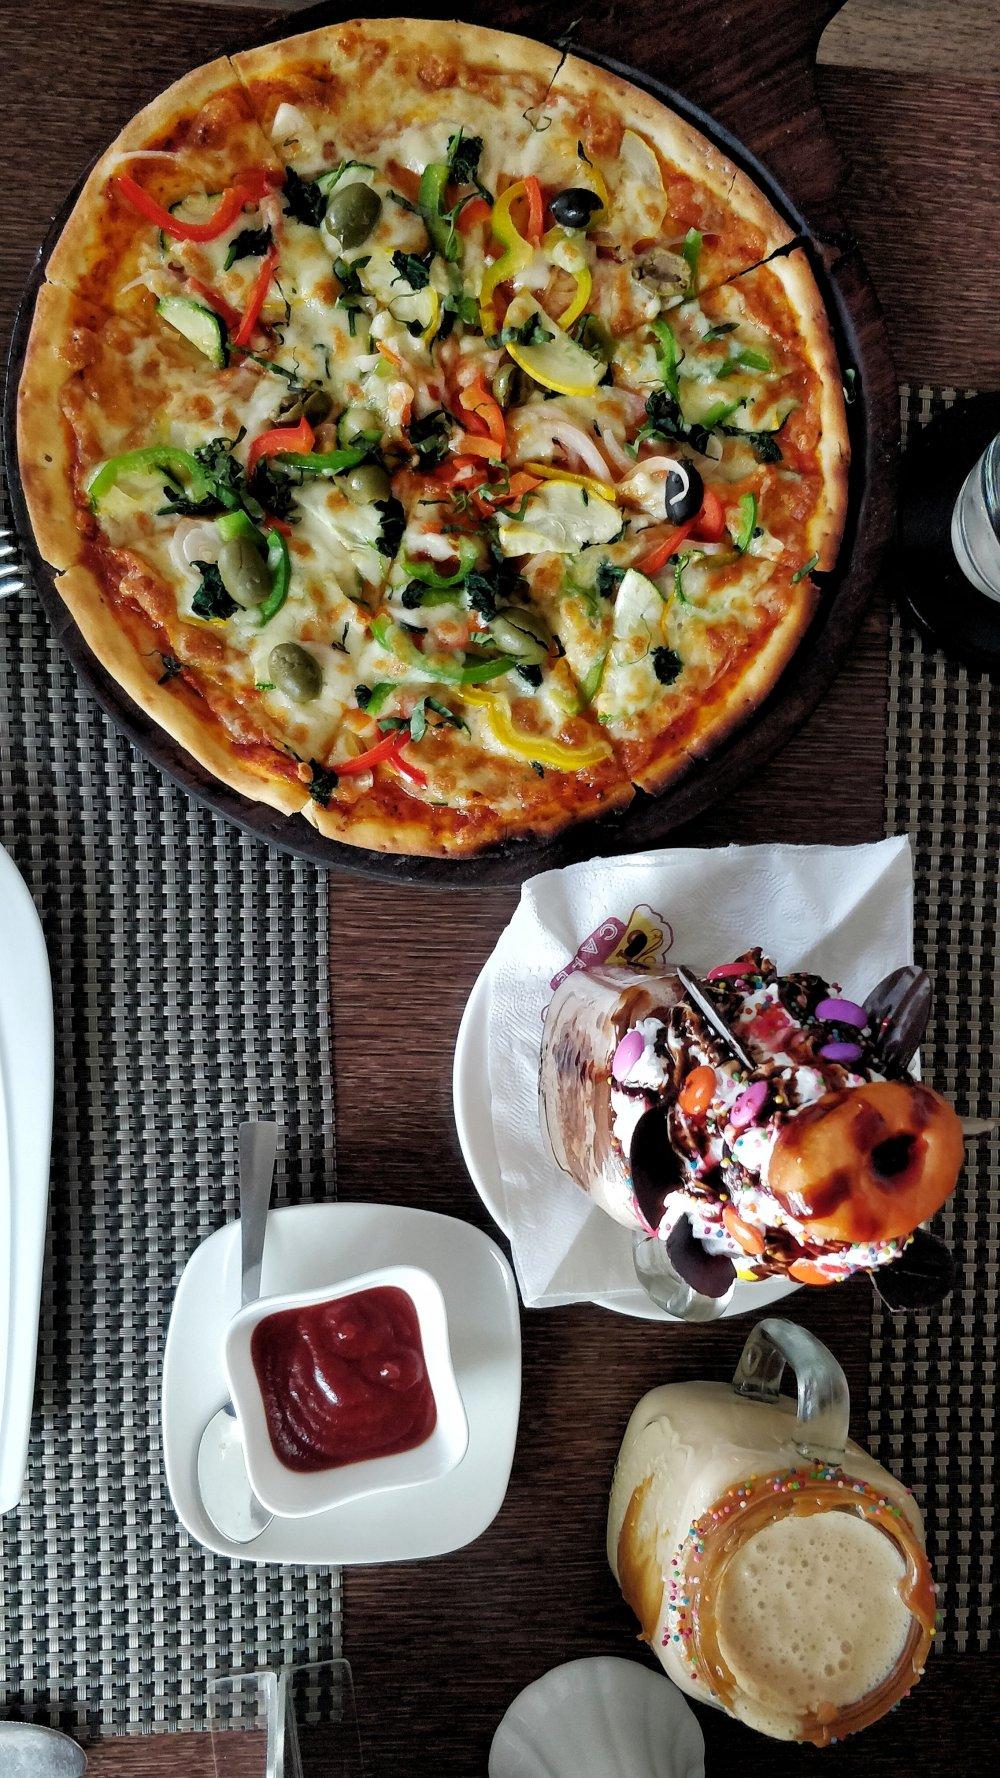 Lad jer dog samle og hygge på et pizzaria!